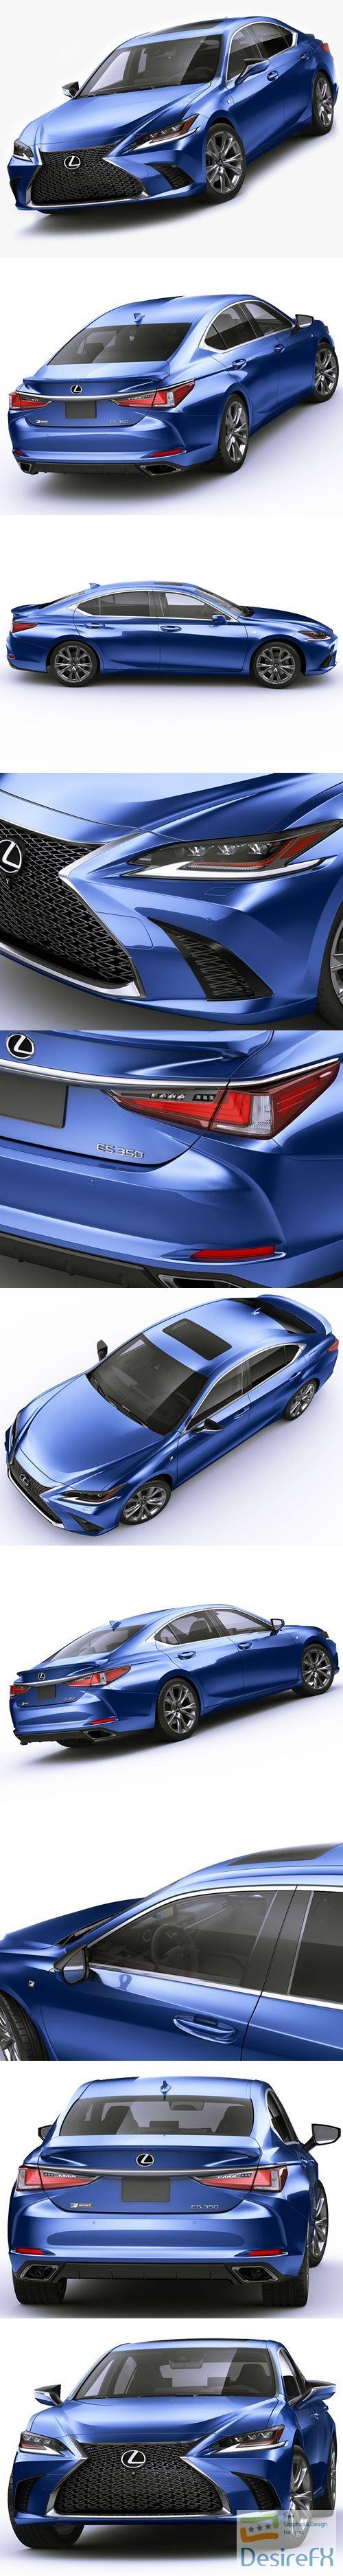 3d-models - Lexus ES F-Sport 2019 3D Model